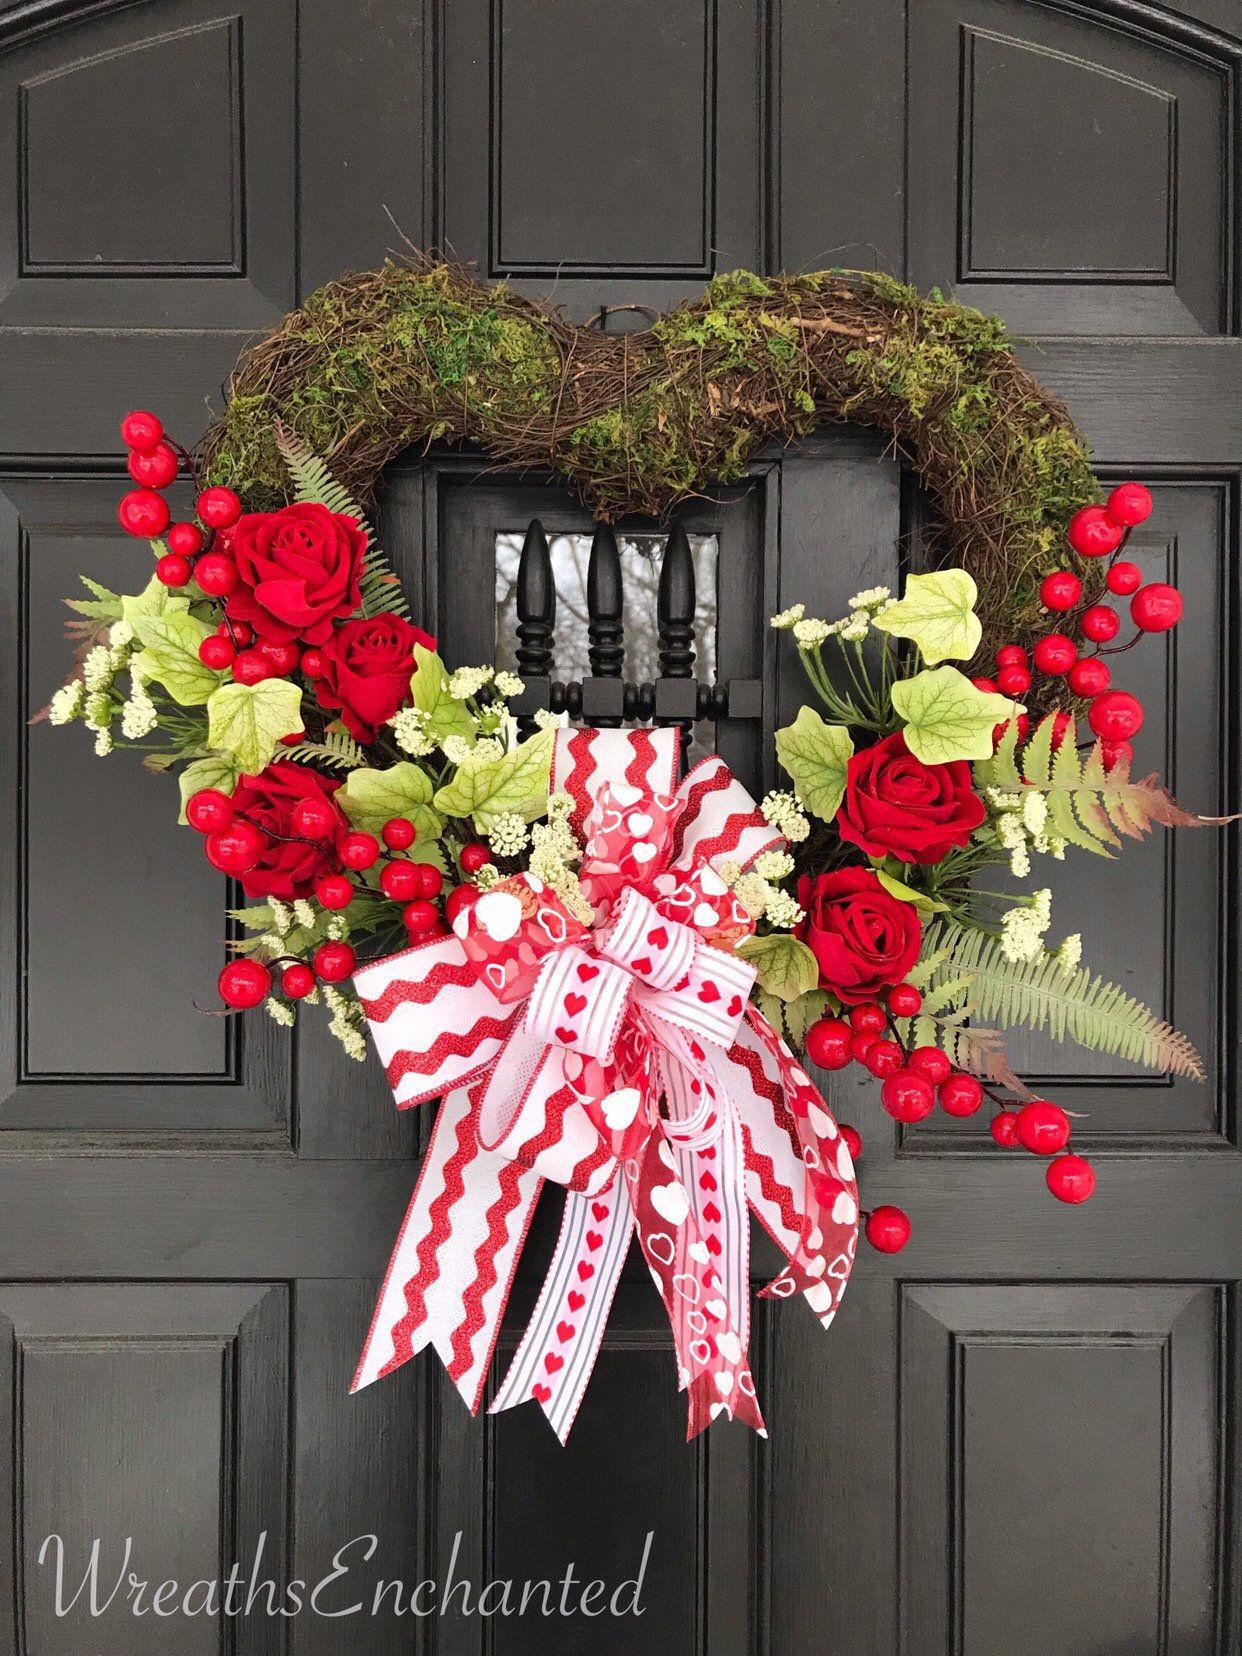 Valentines Day Wreath Front Door Heart Wreath Red Rose Wreath Red White Wreath Valentine Decor Valentine Day Wreaths Valentine Decorations Valentine Wreath